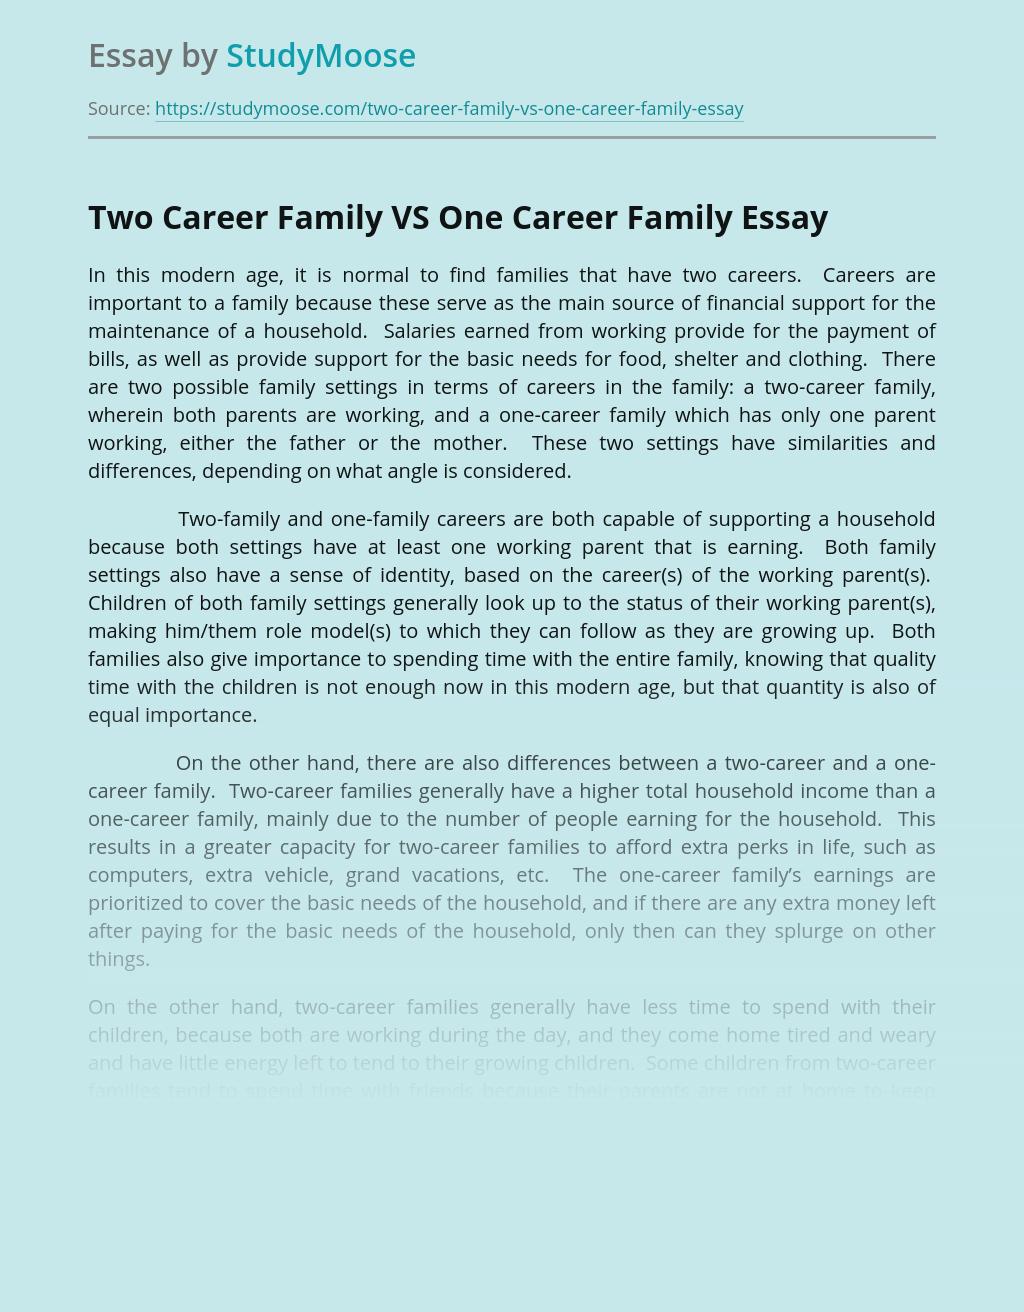 Two Career Family VS One Career Family